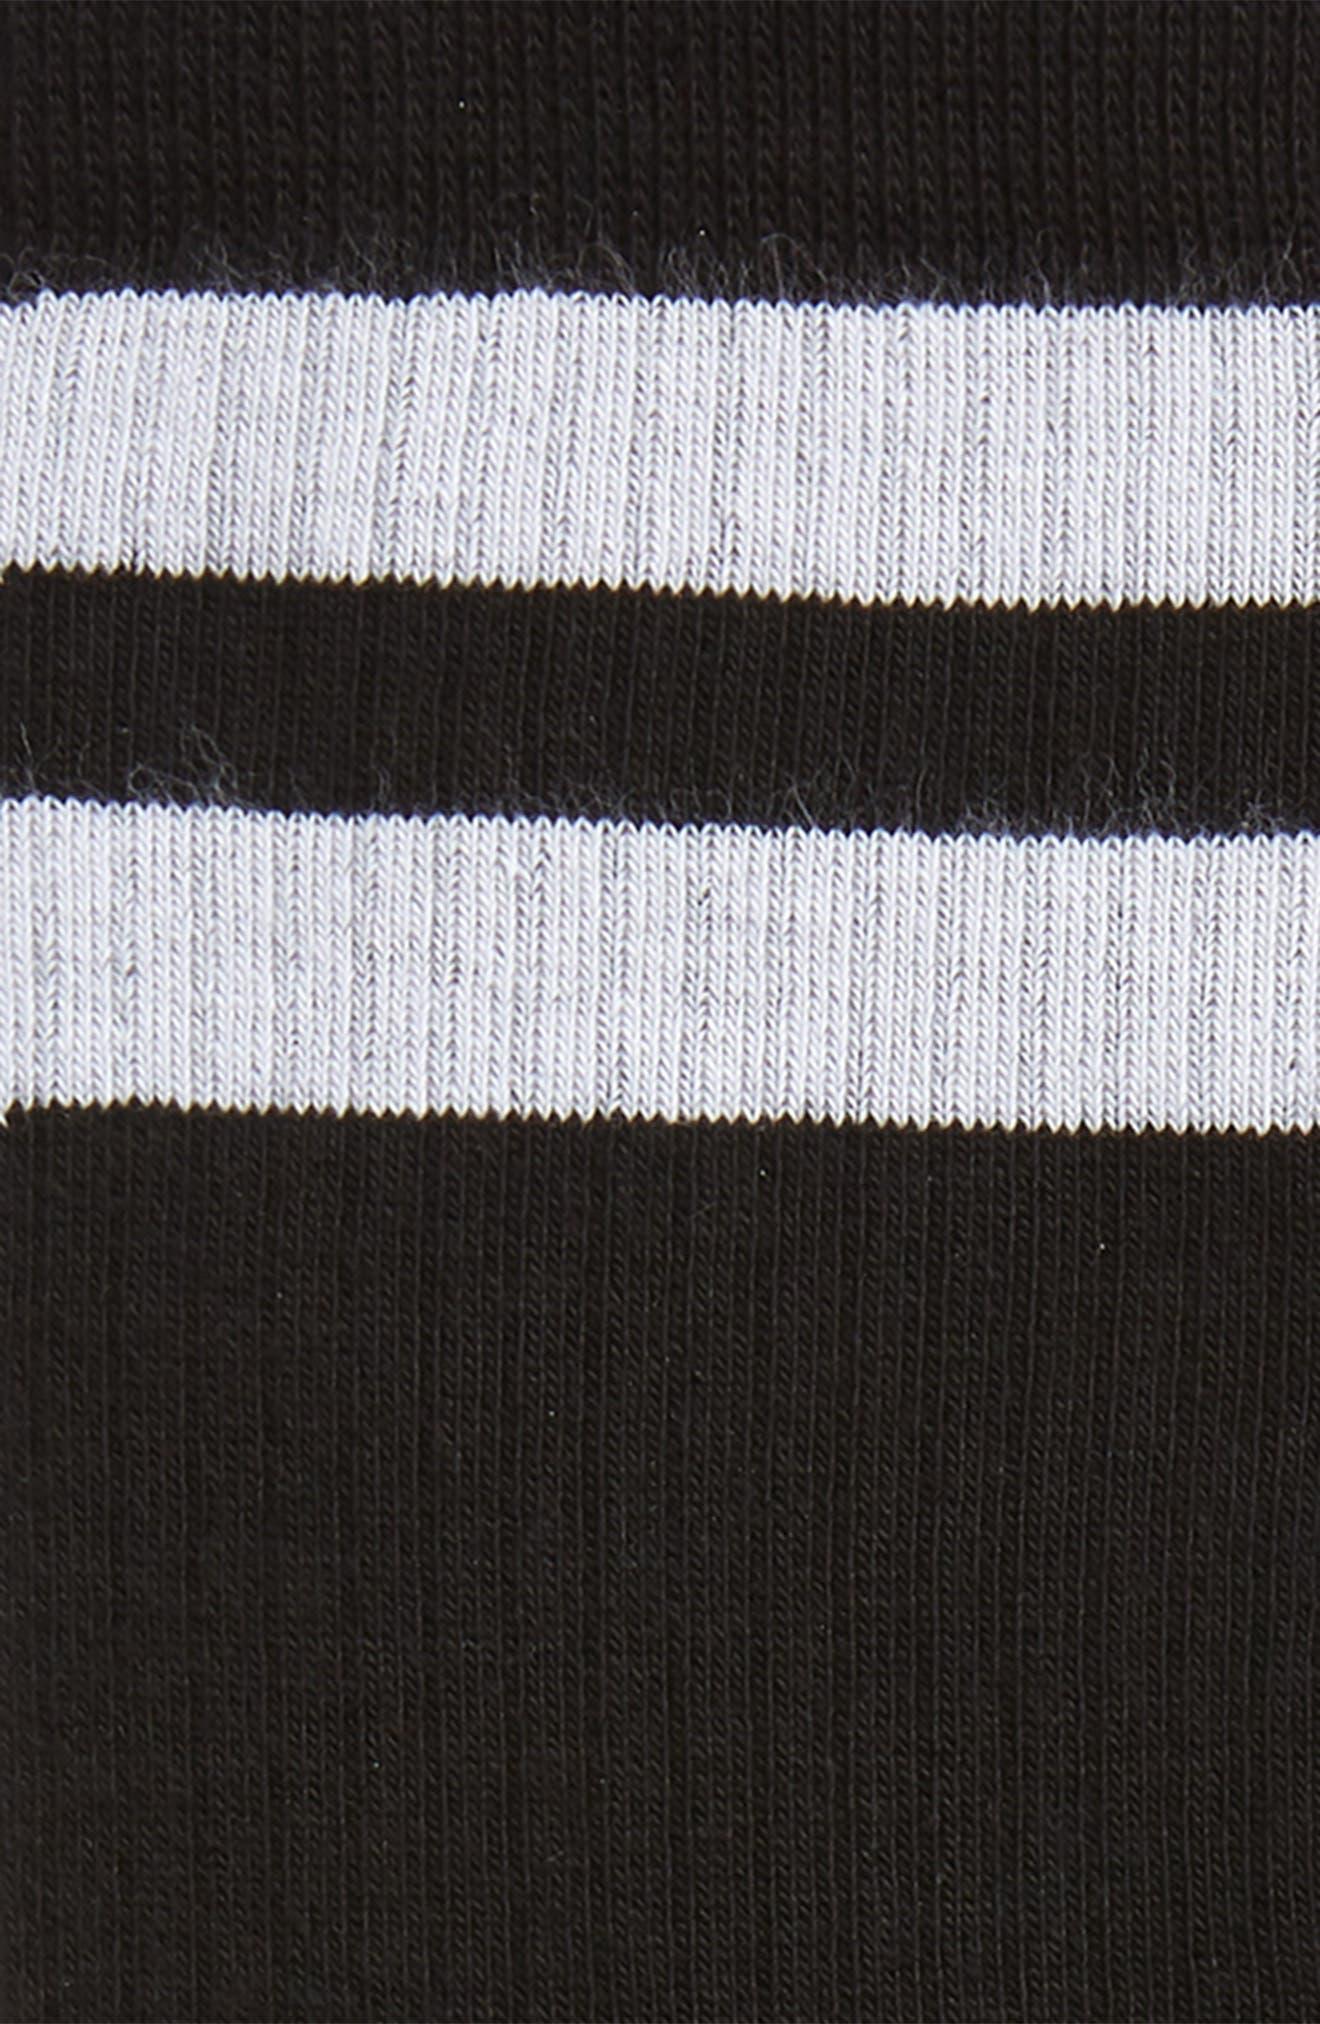 VLTN Socks,                             Alternate thumbnail 2, color,                             Black